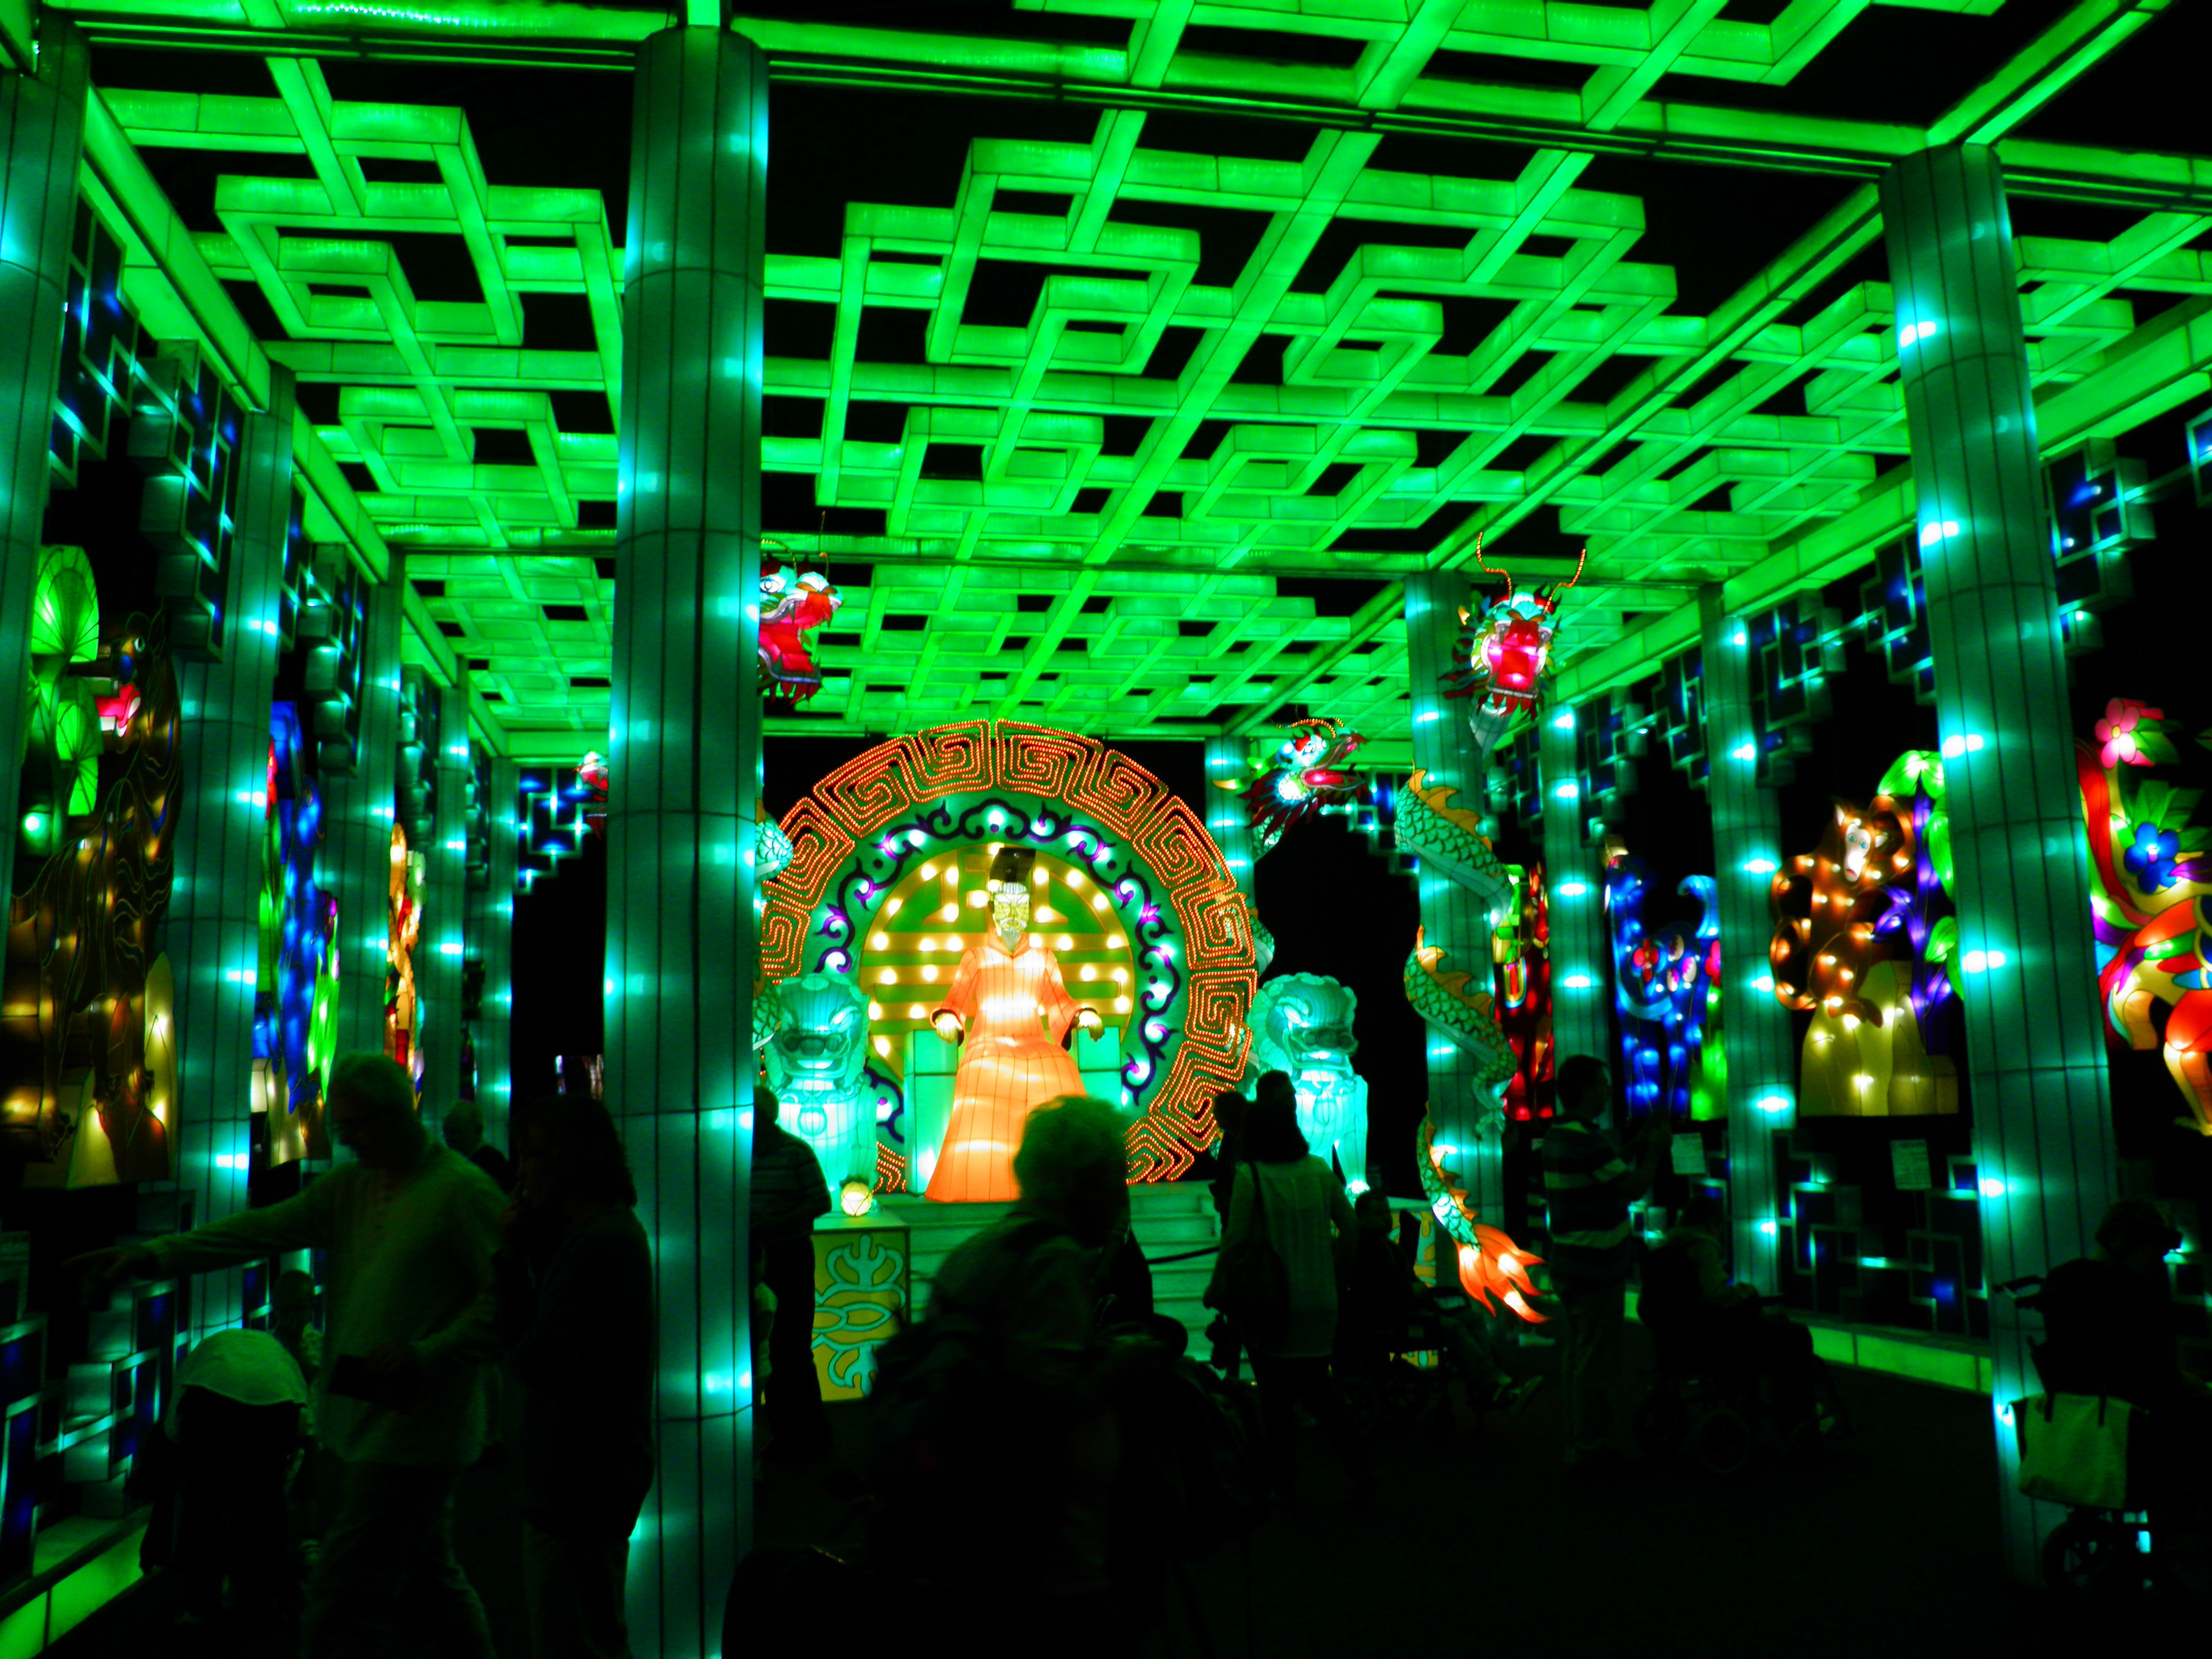 illuminasia blackpool indoor illuminations attraction at winter